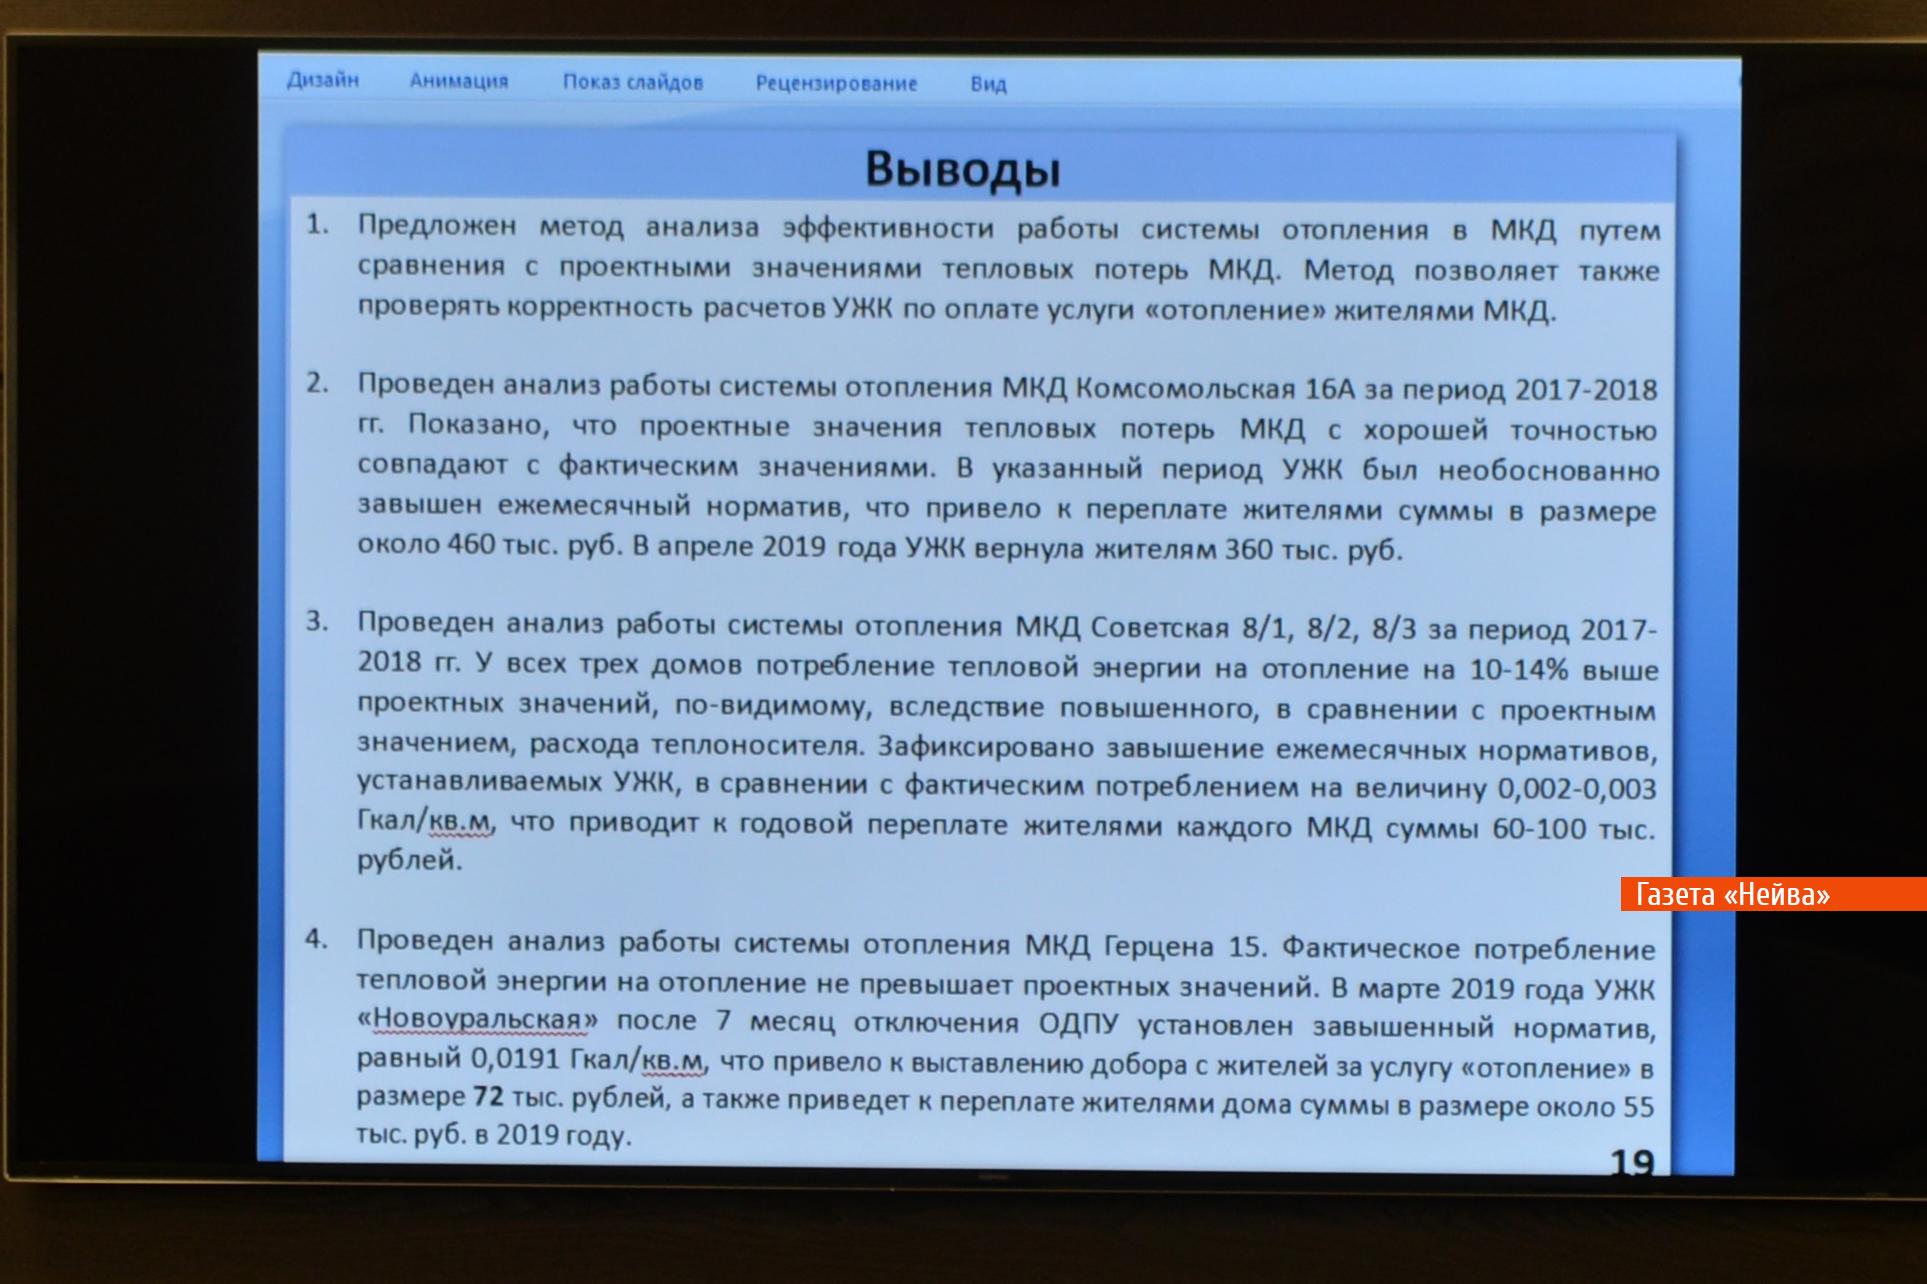 Расчеты перетопов от Олега Елистратова, Новоуральск